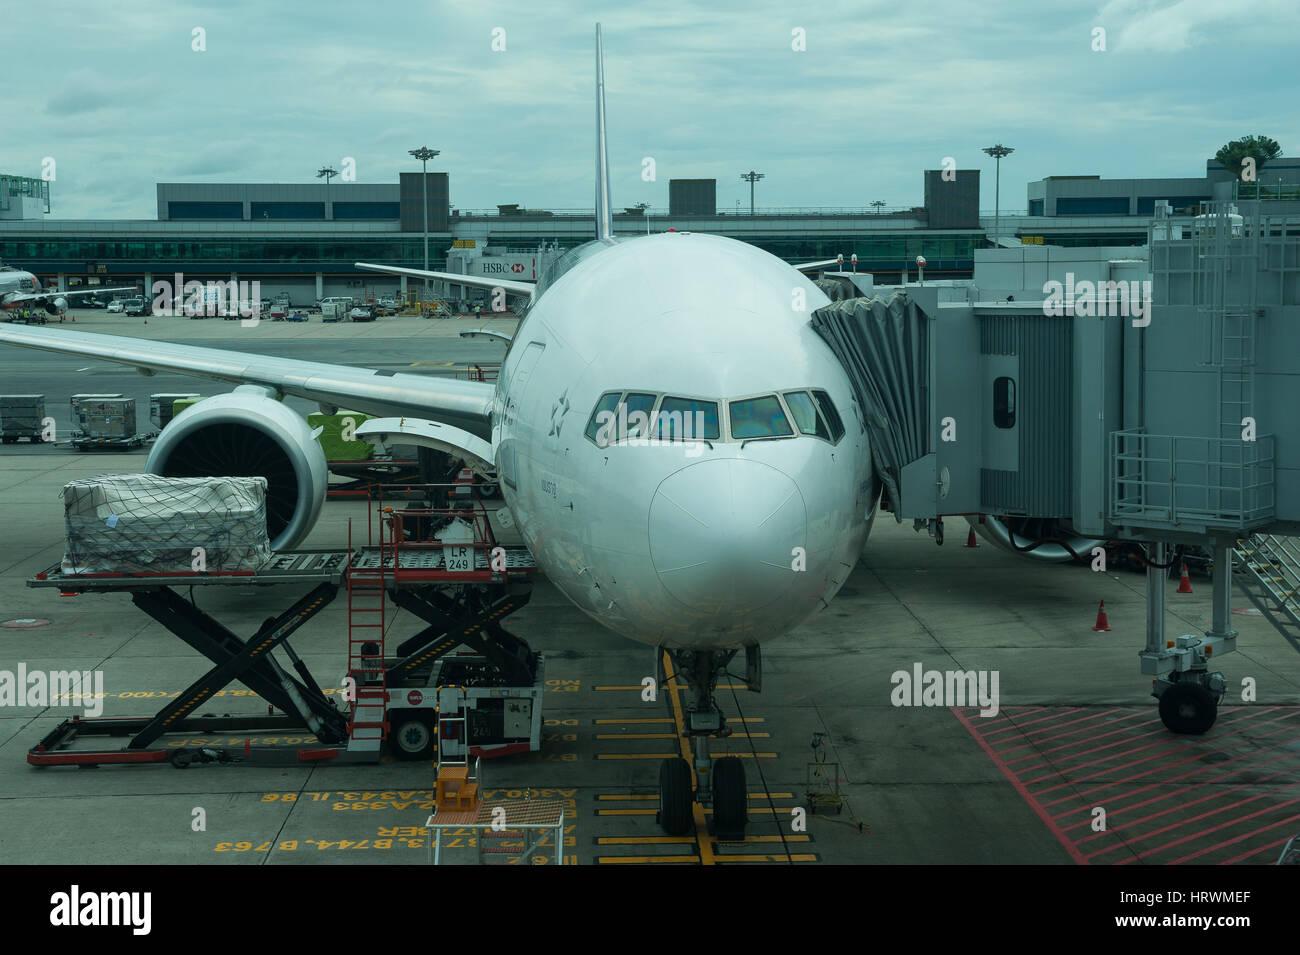 25.01.2017, Singapour, République de Singapour, en Asie - UN Thai Airways avion du passager est garée devant un portail de Terminal 1 de l'aéroport Changi de Singapour. Banque D'Images